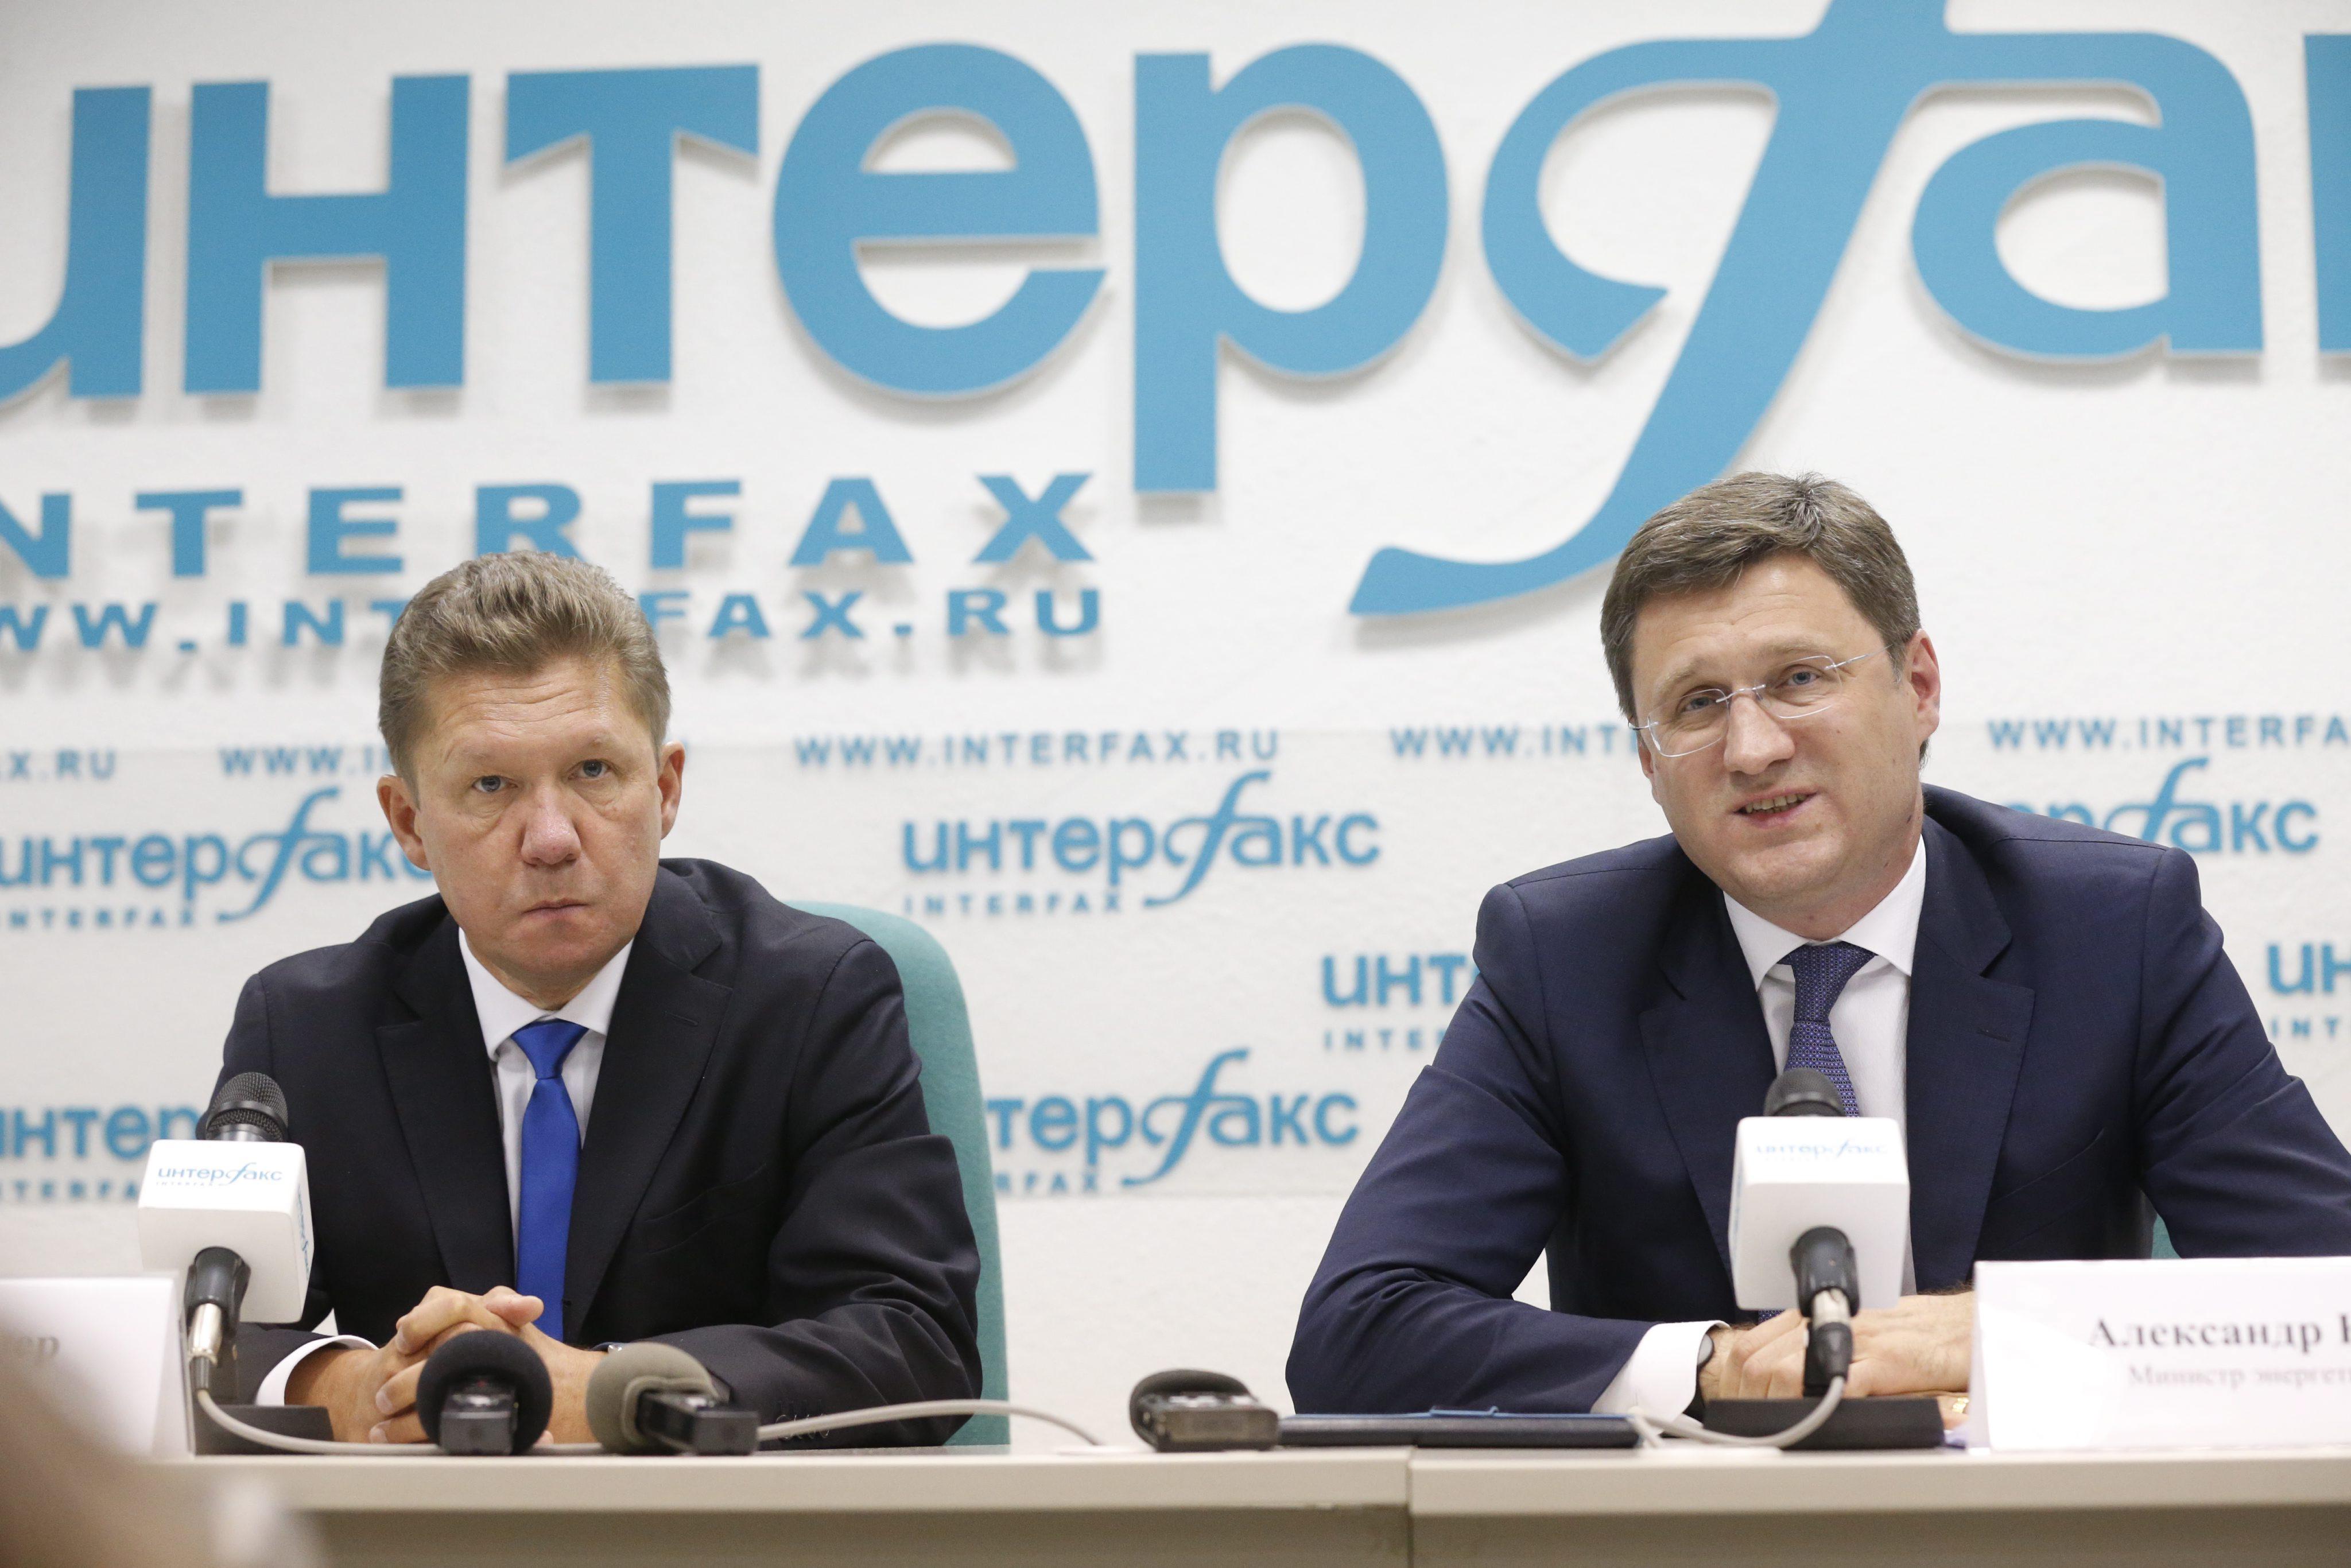 Алексей Миллер и  Александр Новак во время пресс-конференции